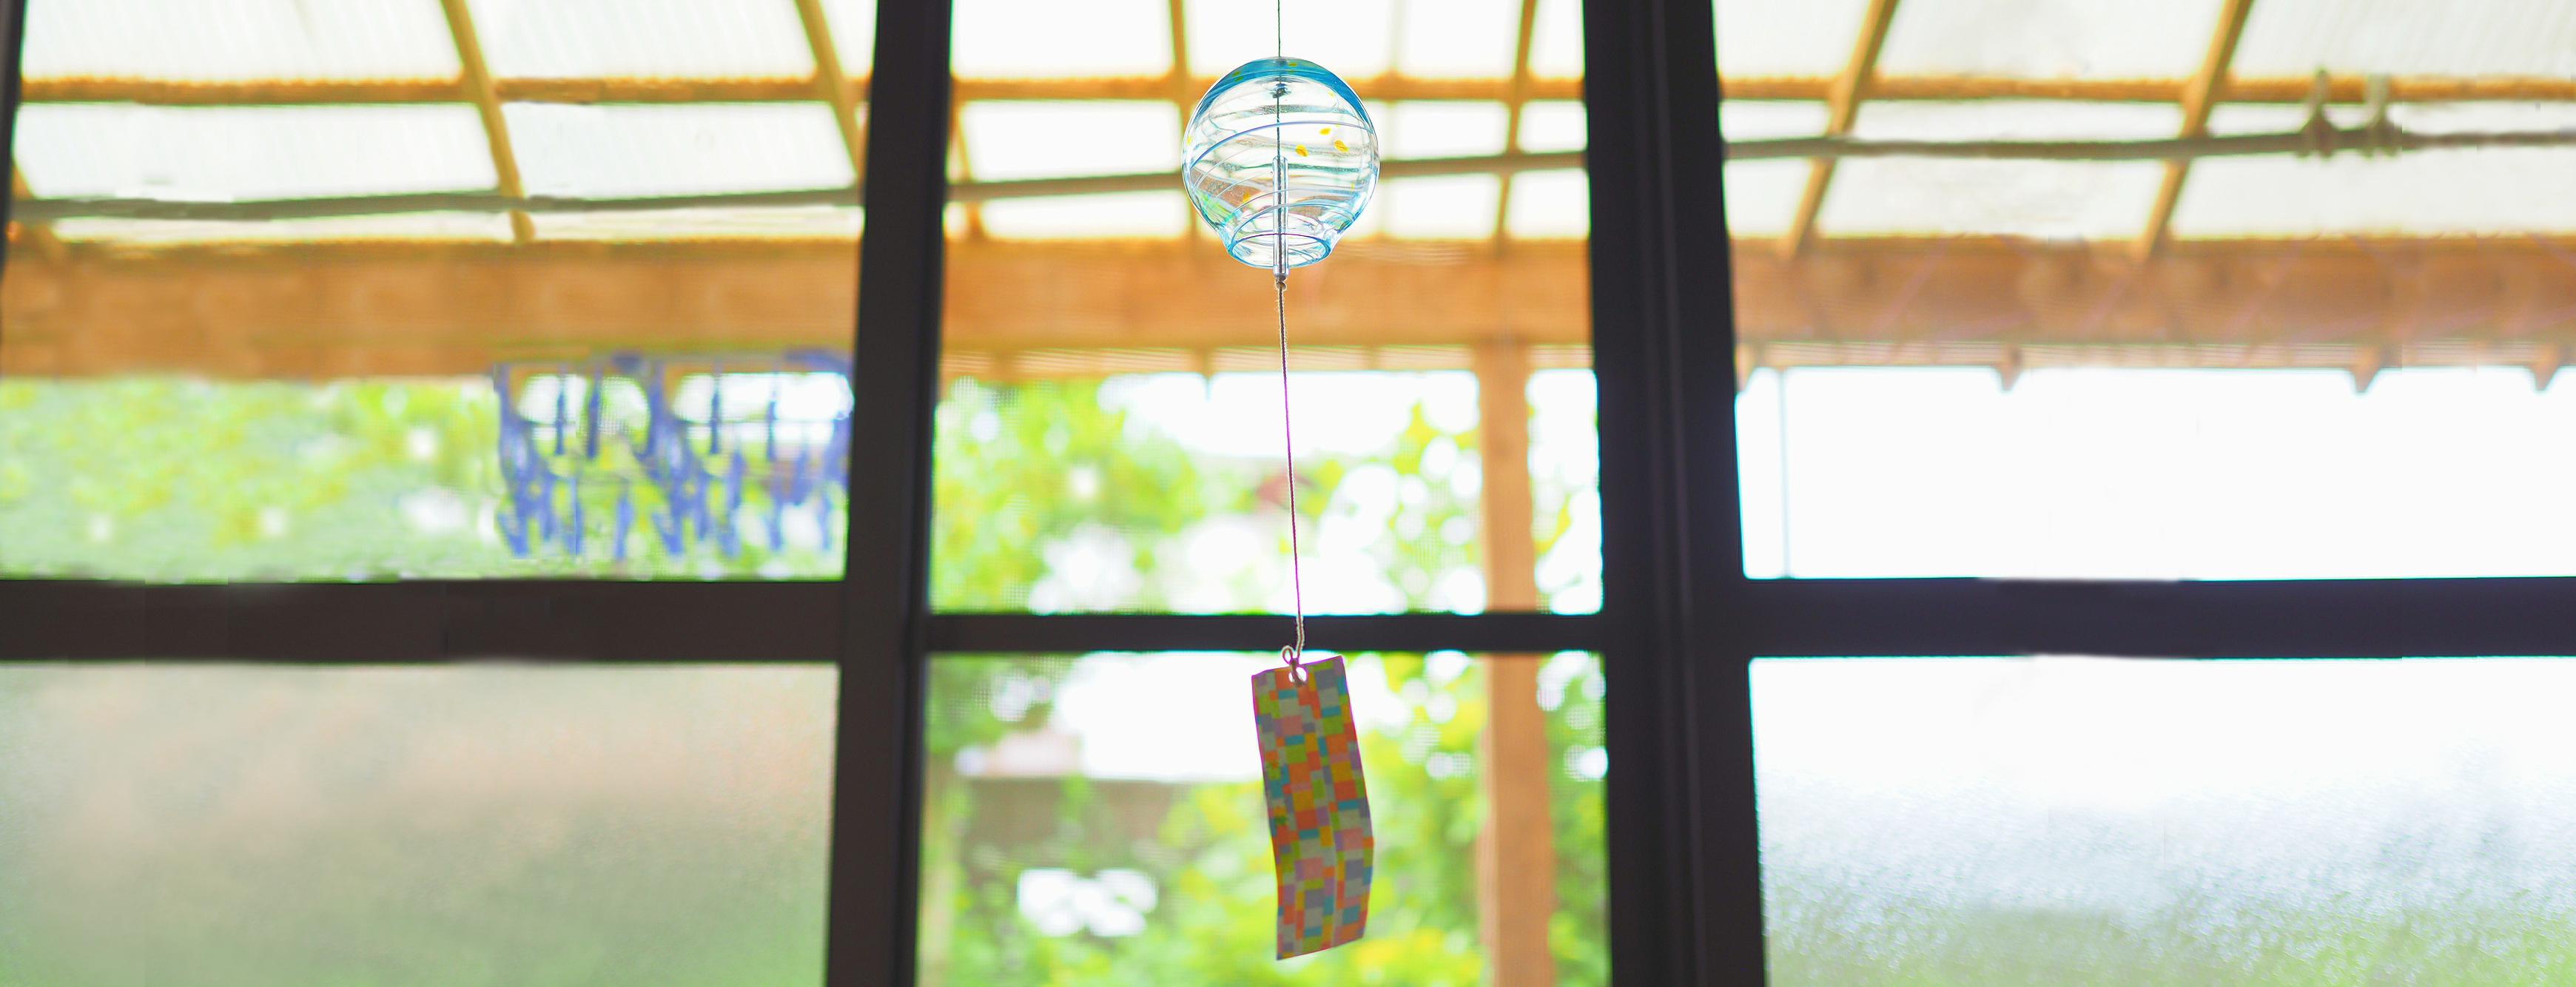 自分好みの風鈴をつくって暑い夏を乗り切ろう!